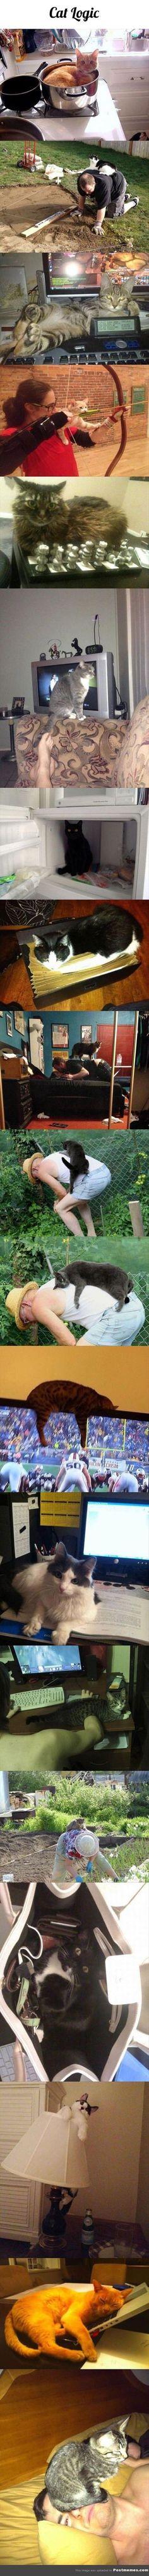 Cat Logic ... - Imgur